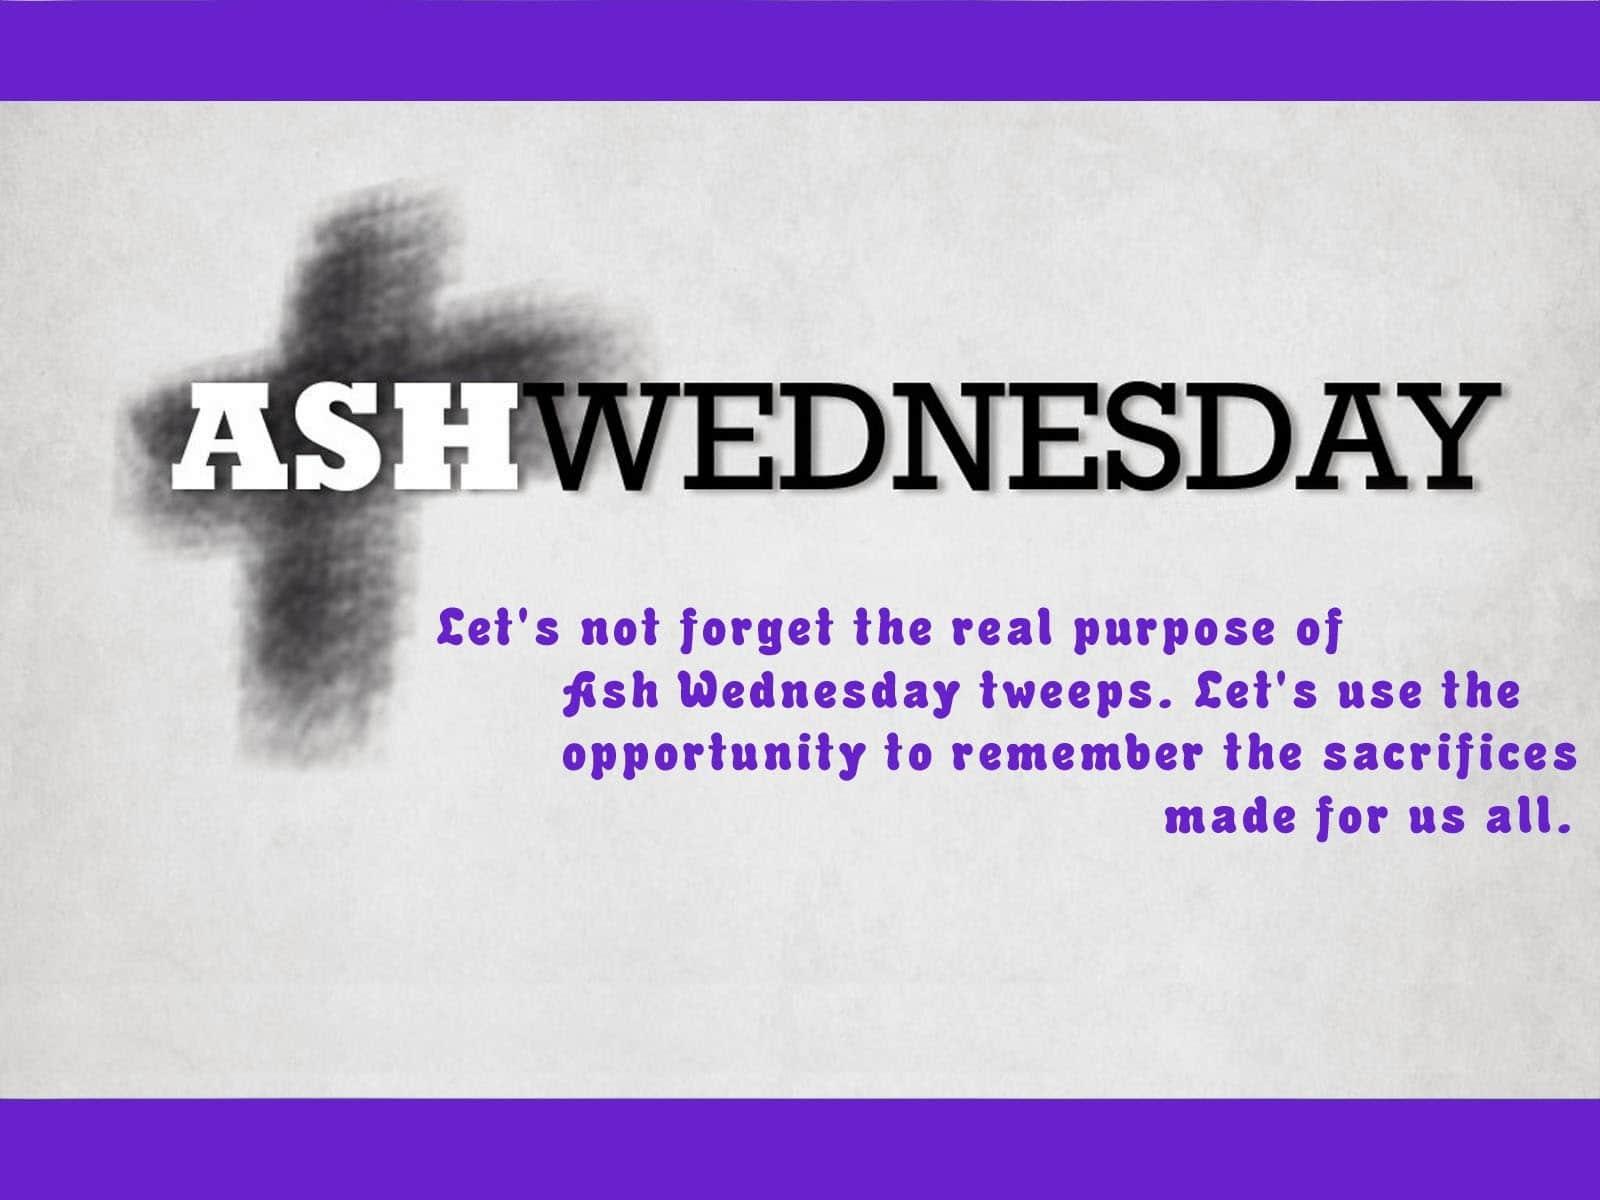 Ash Wednesday Sayings 2018